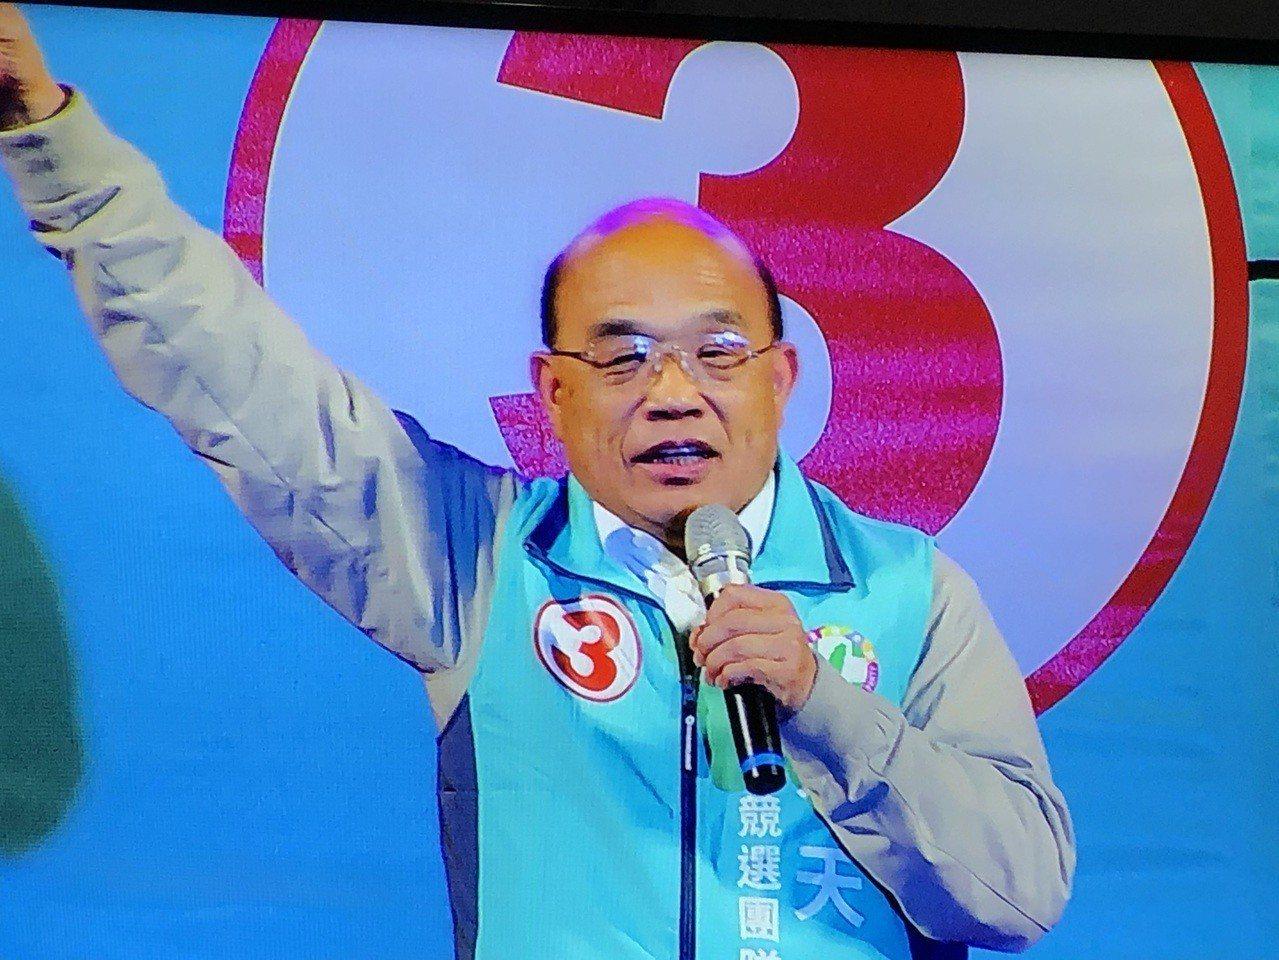 行政院長蘇貞昌為余天站台,大讚他熱心為民眾做事。記者王敏旭/攝影